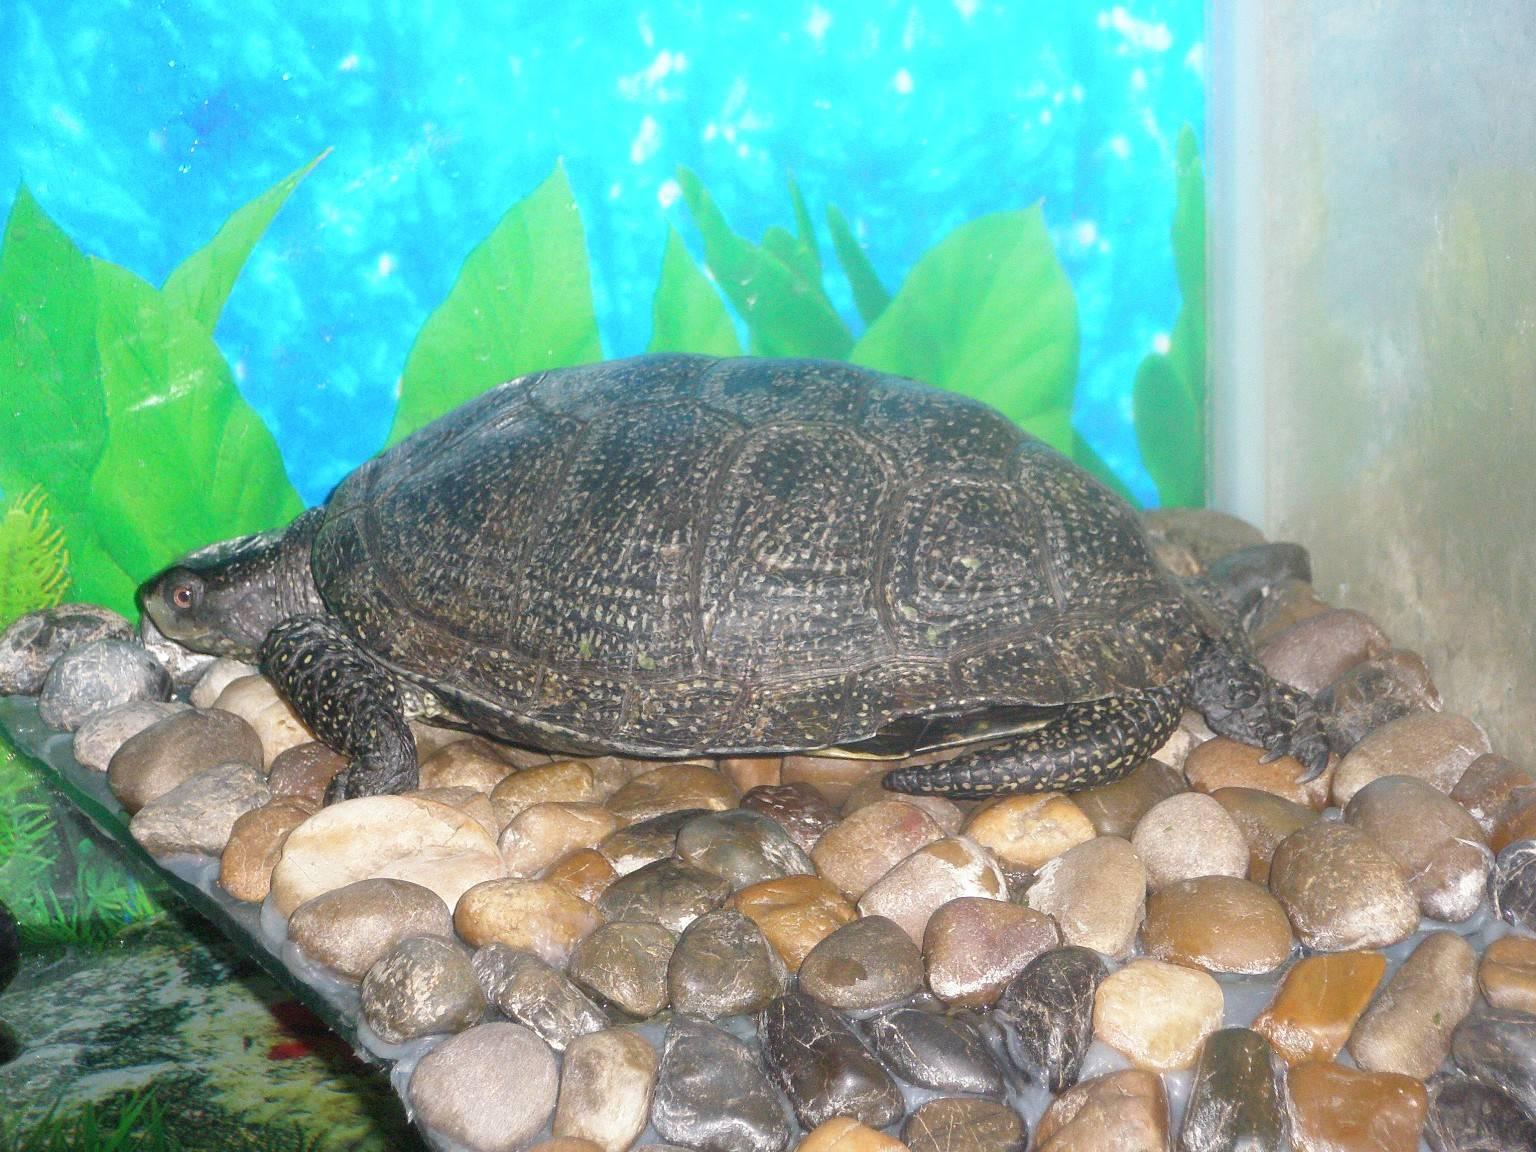 Болотная черепаха: советы по выбору, внешний вид, уход и содержание черепахи (105 фото)